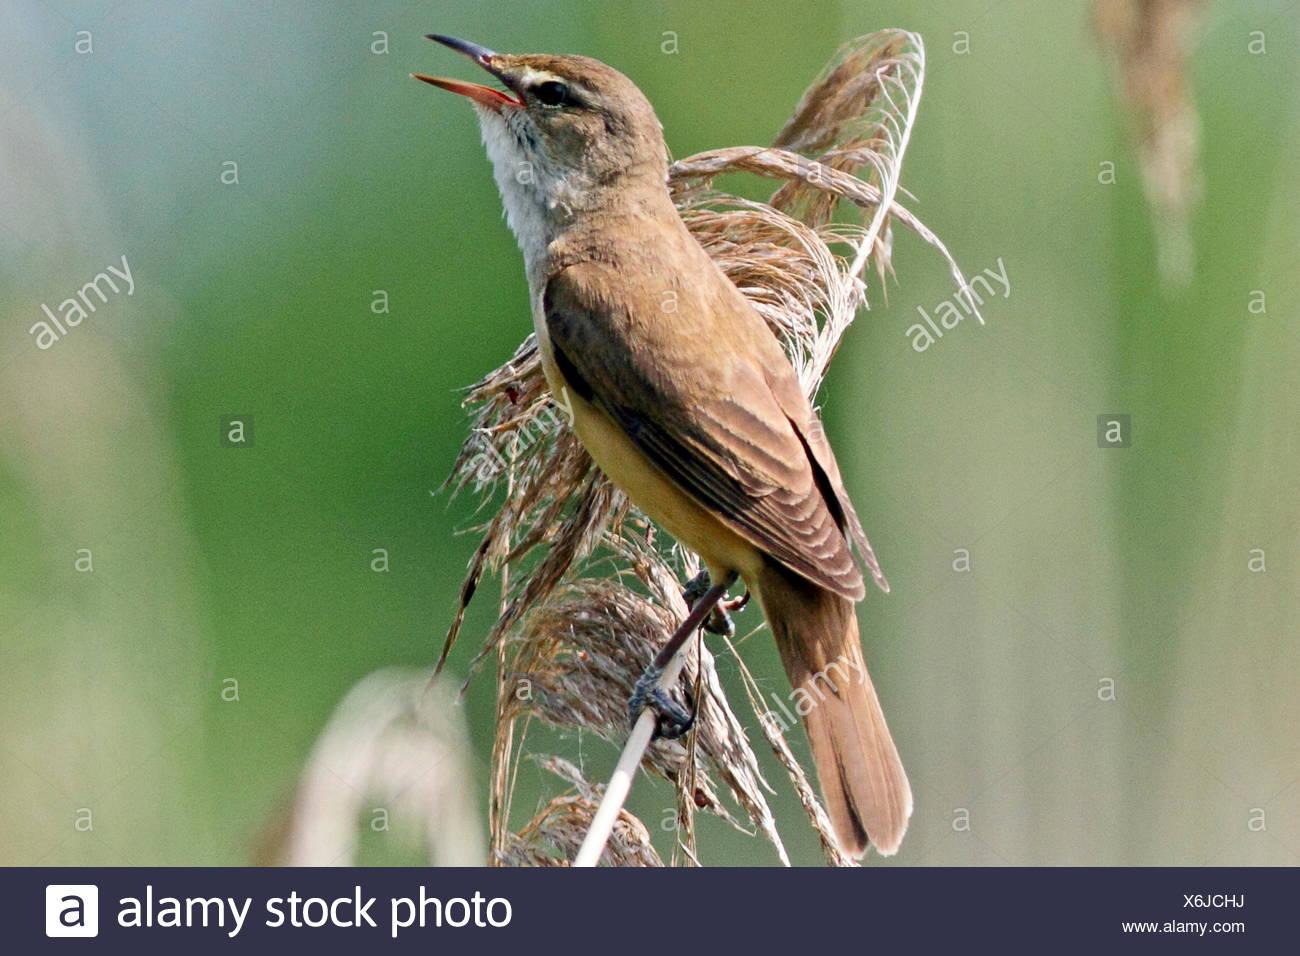 great reed warbler (Acrocephalus arundinaceus), sings on reed, Germany - Stock Image